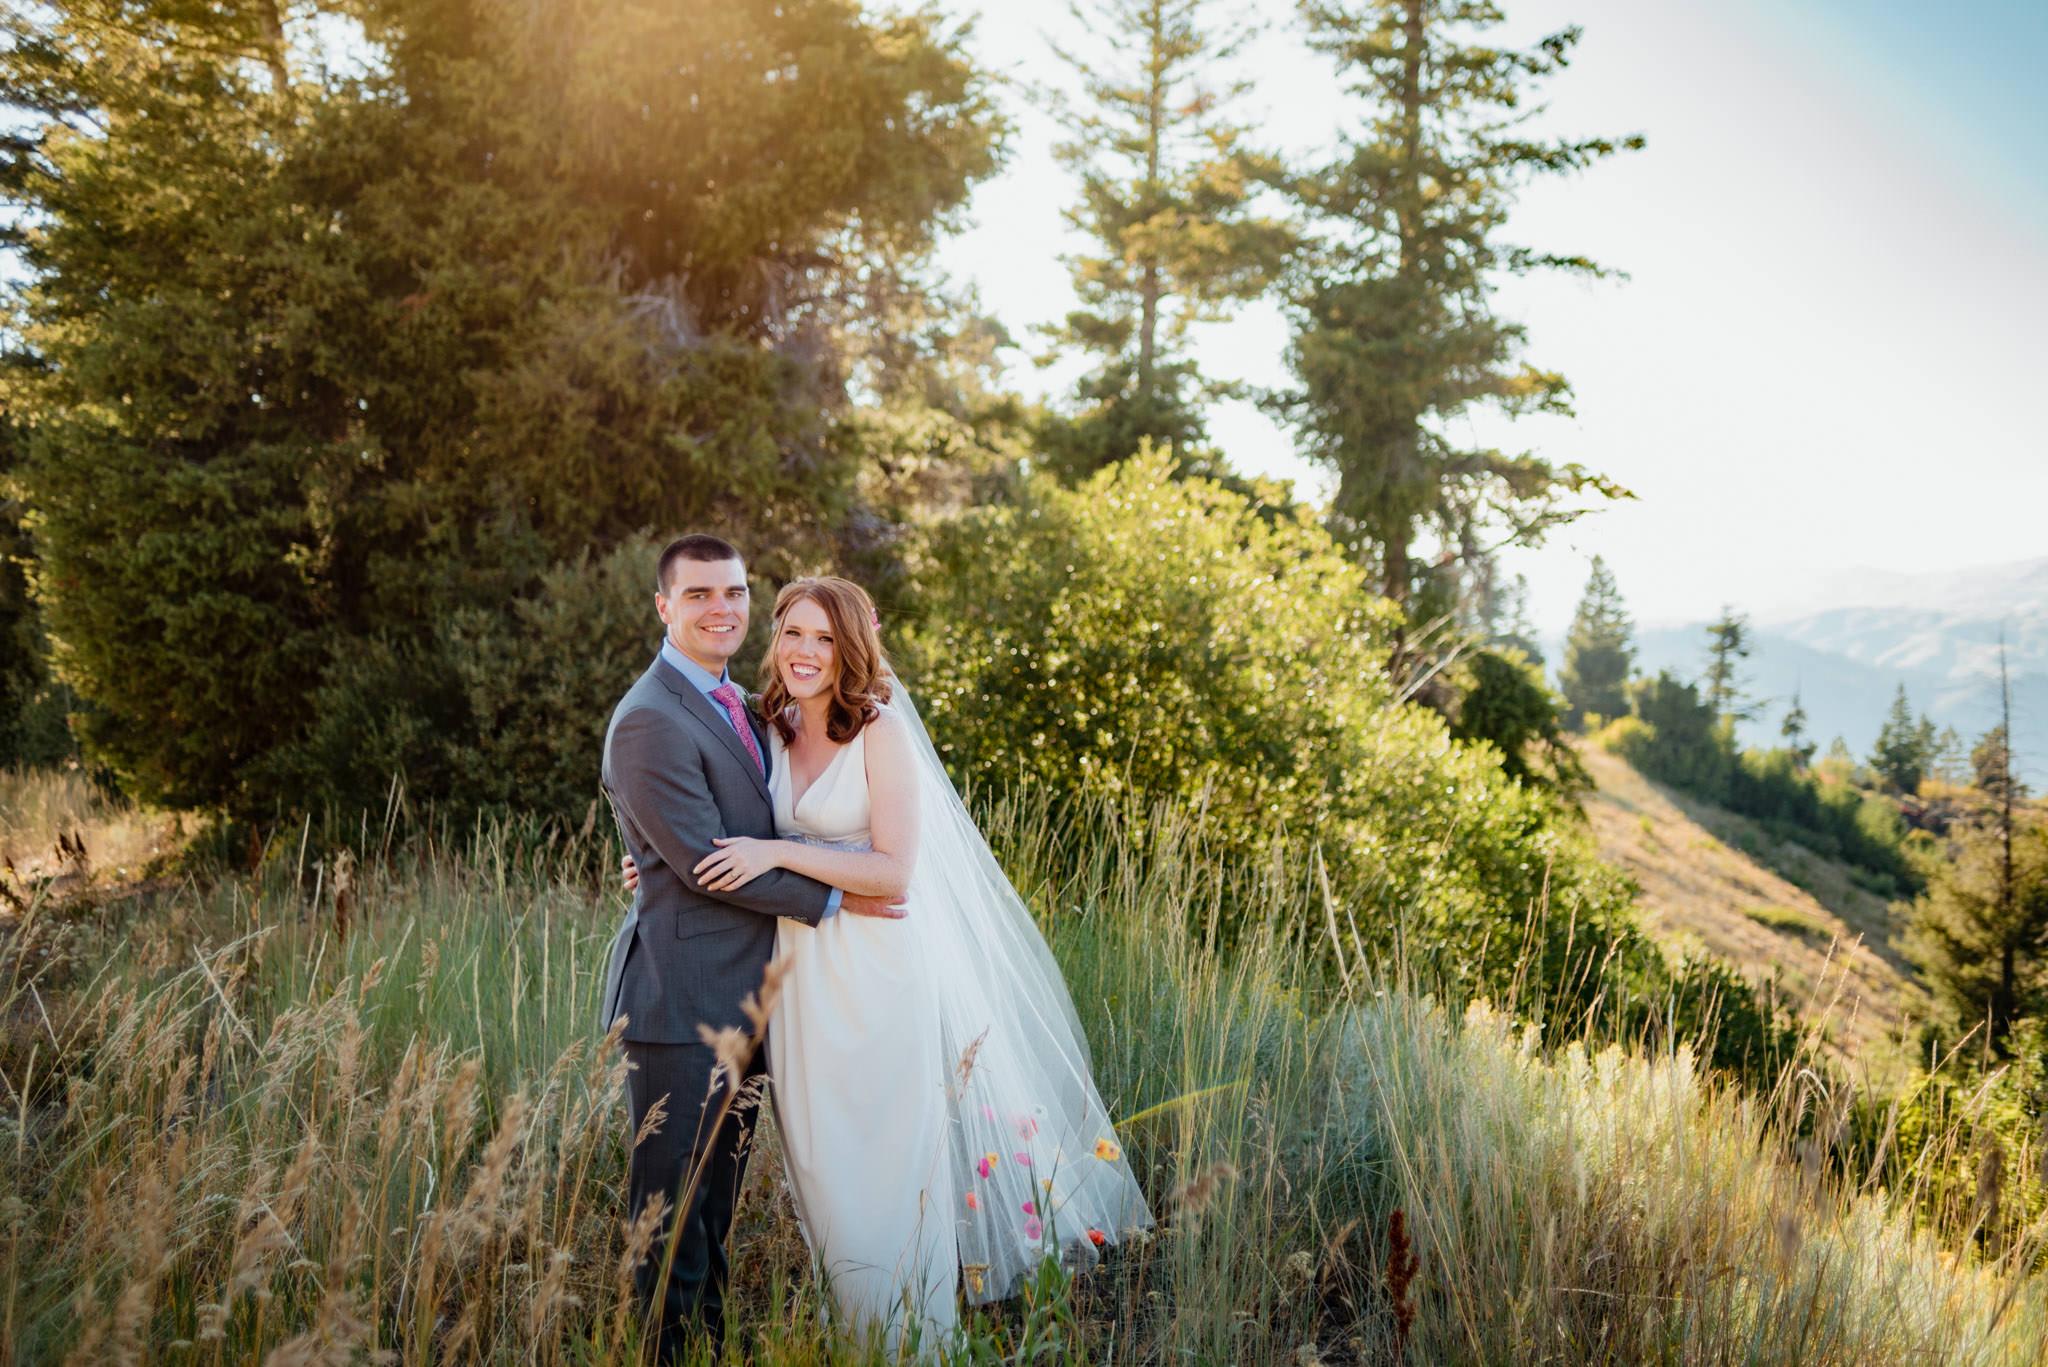 Zilla Photography - Bogus Basin Idaho Outdoor Summer DIY Wedding-14.jpg